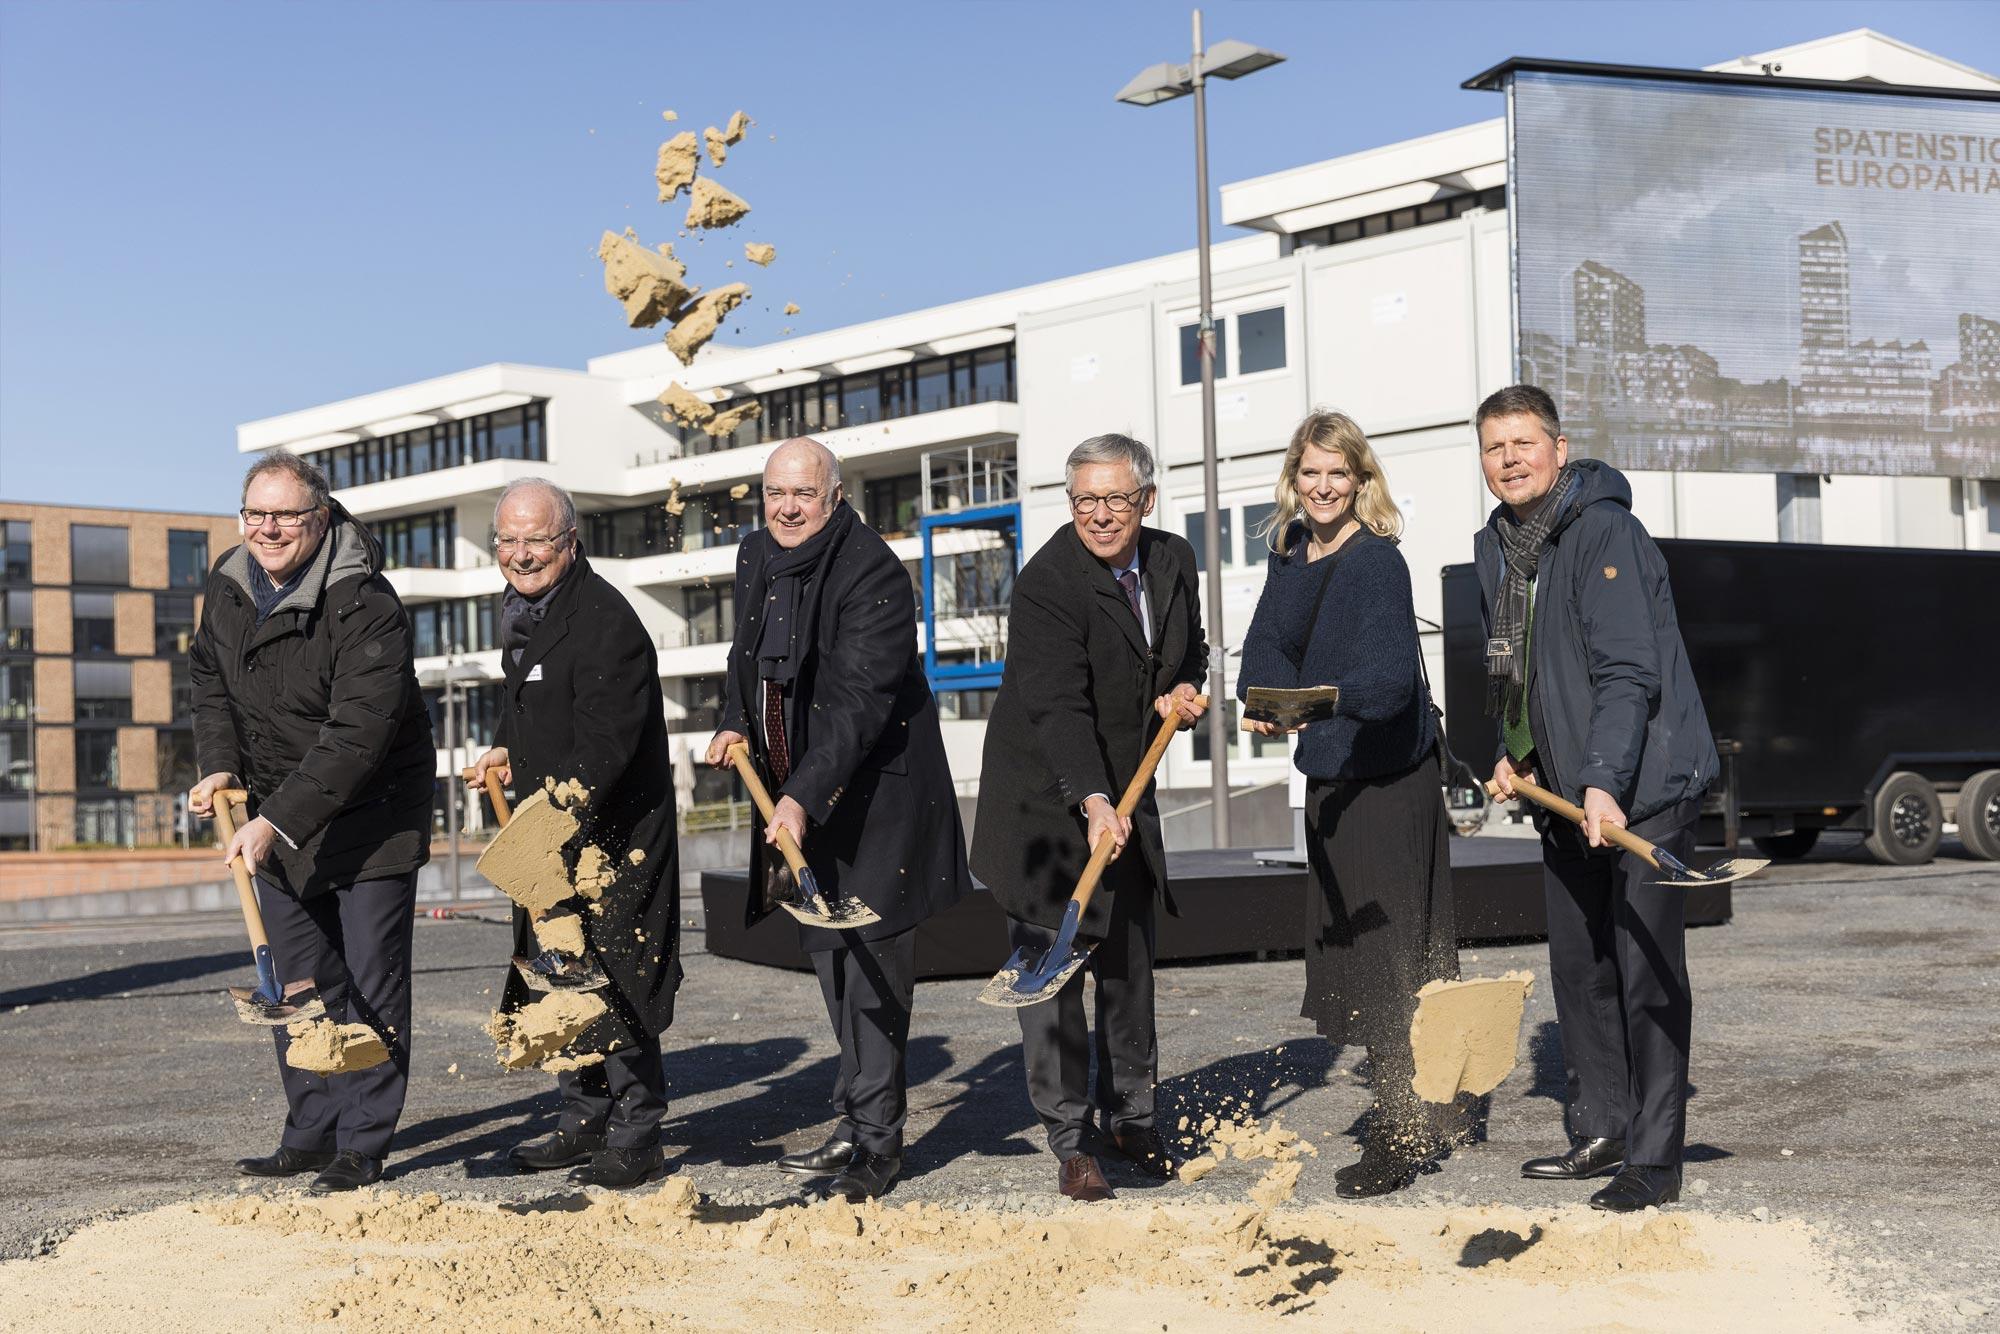 Europahafenkopf Bremen Presse Spartenstich